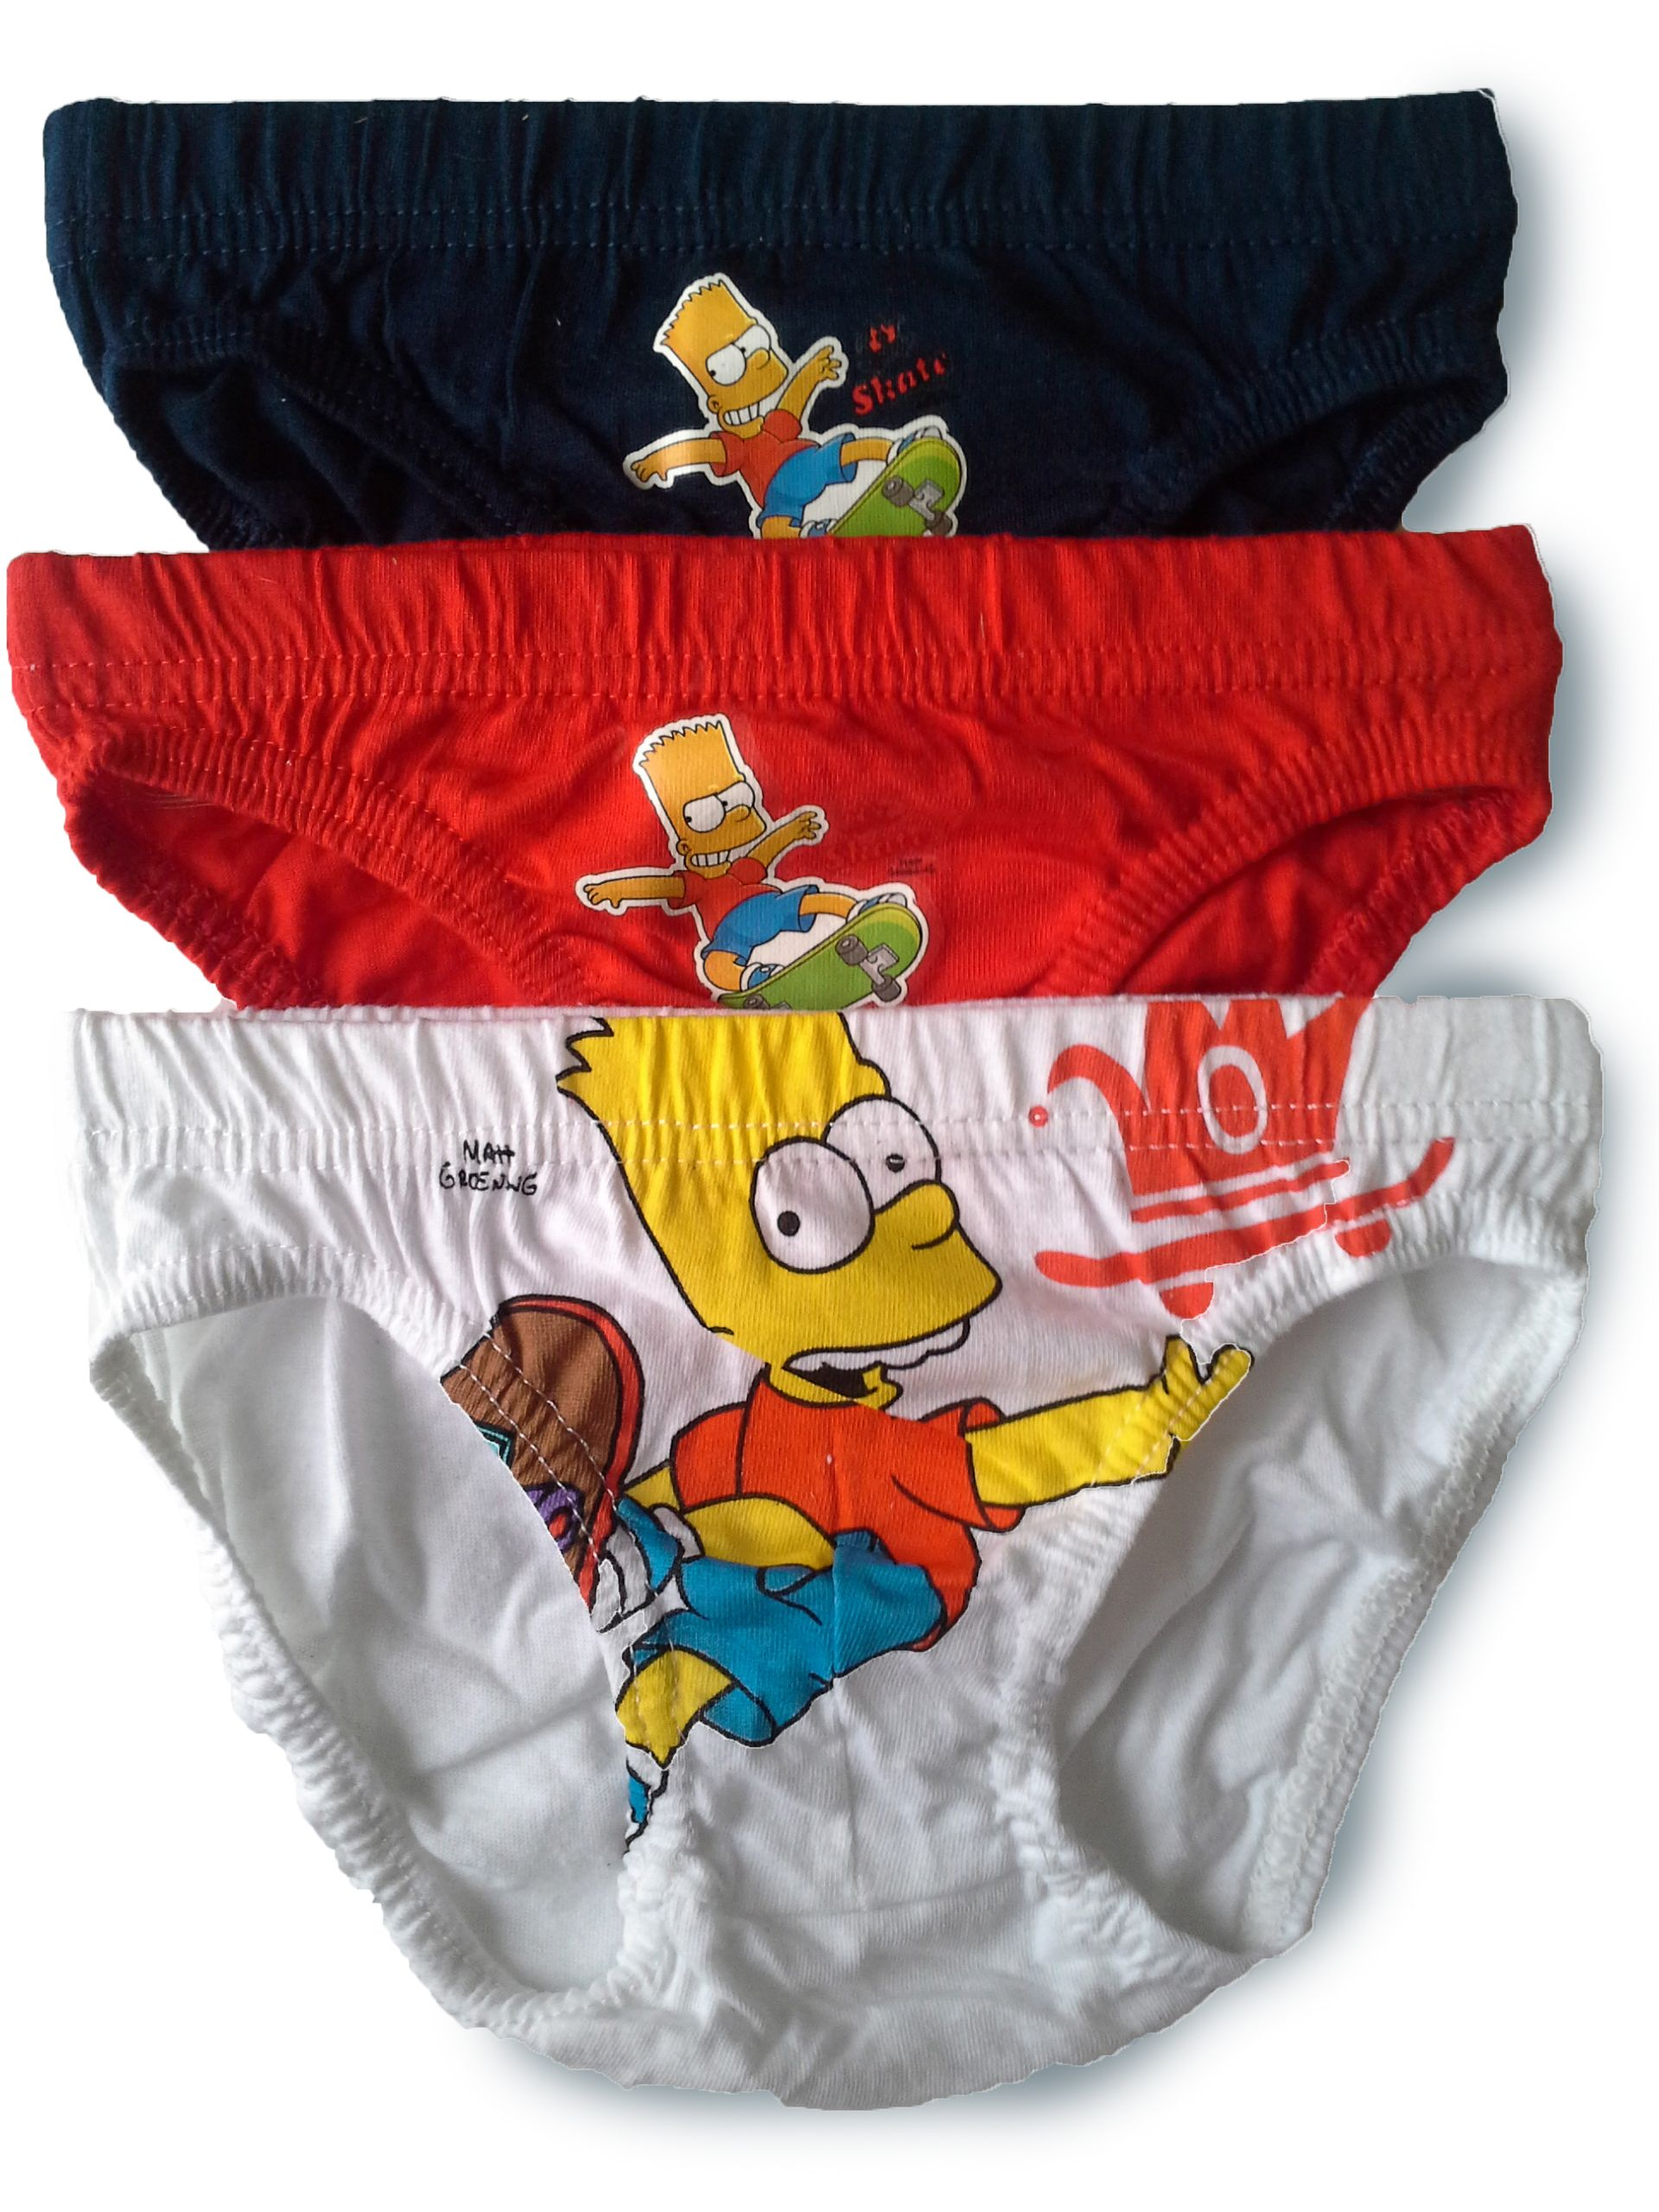 ed47b937dc Bart Simpson underwear briefs pants #underwear #bart #simpsons ...